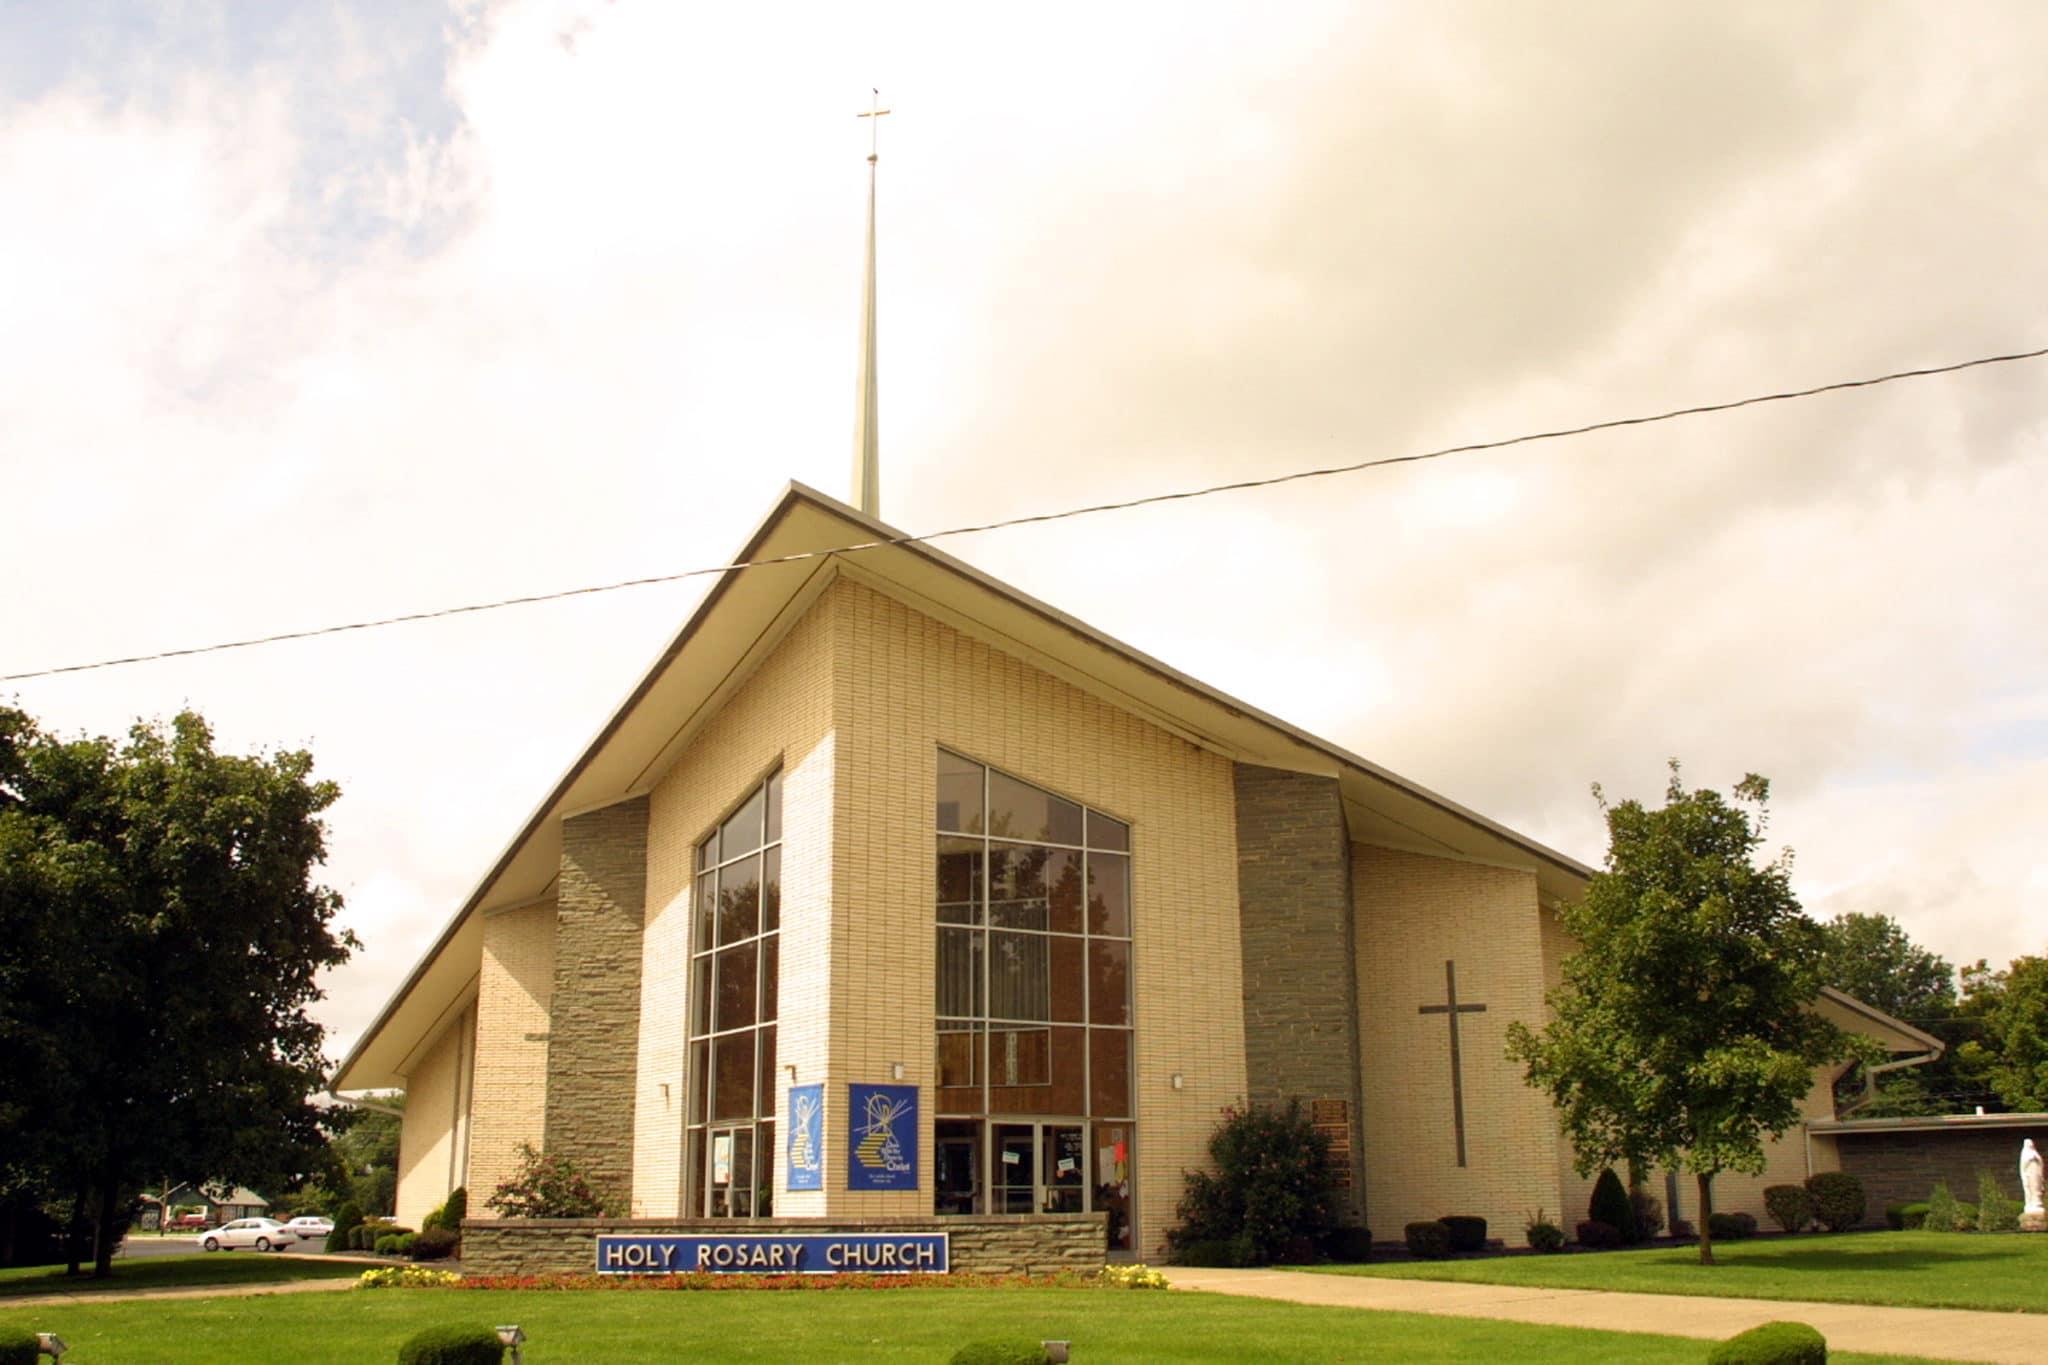 Monroe City Holy Rosary